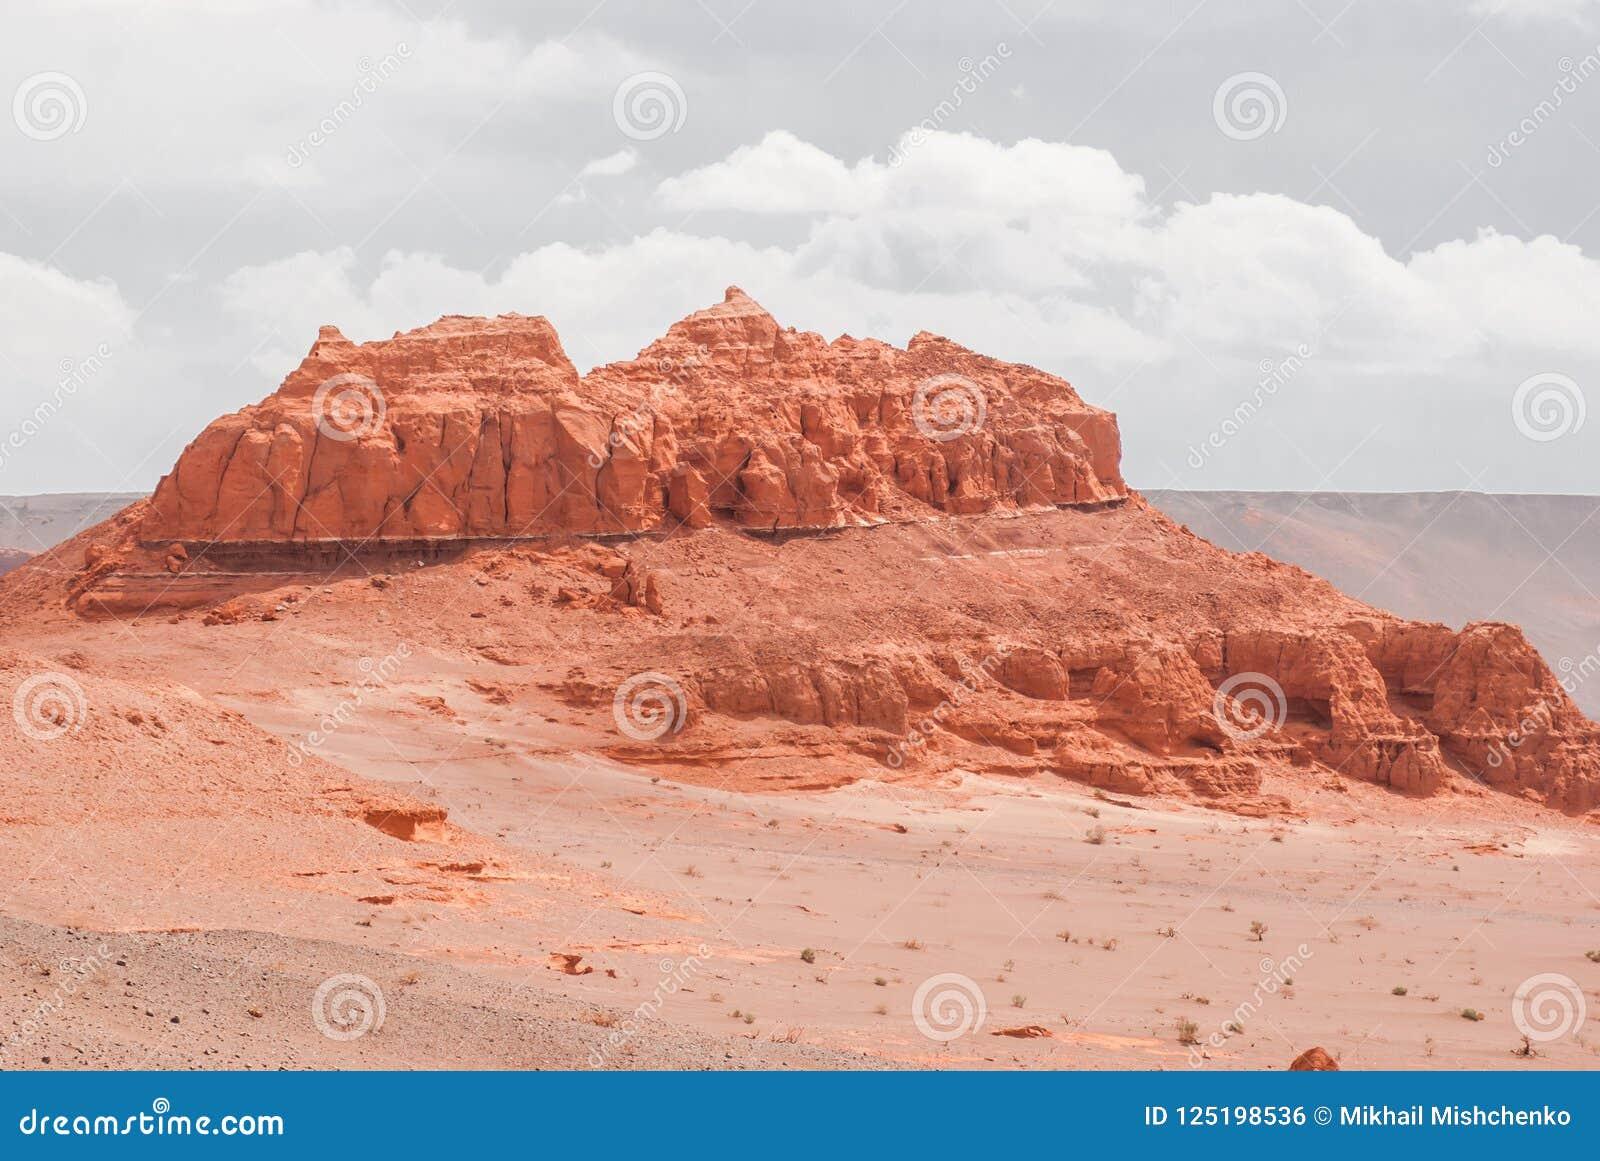 Red Cliffs Of Khermen Tsav Canyon  Gobi Deser Stock Photo